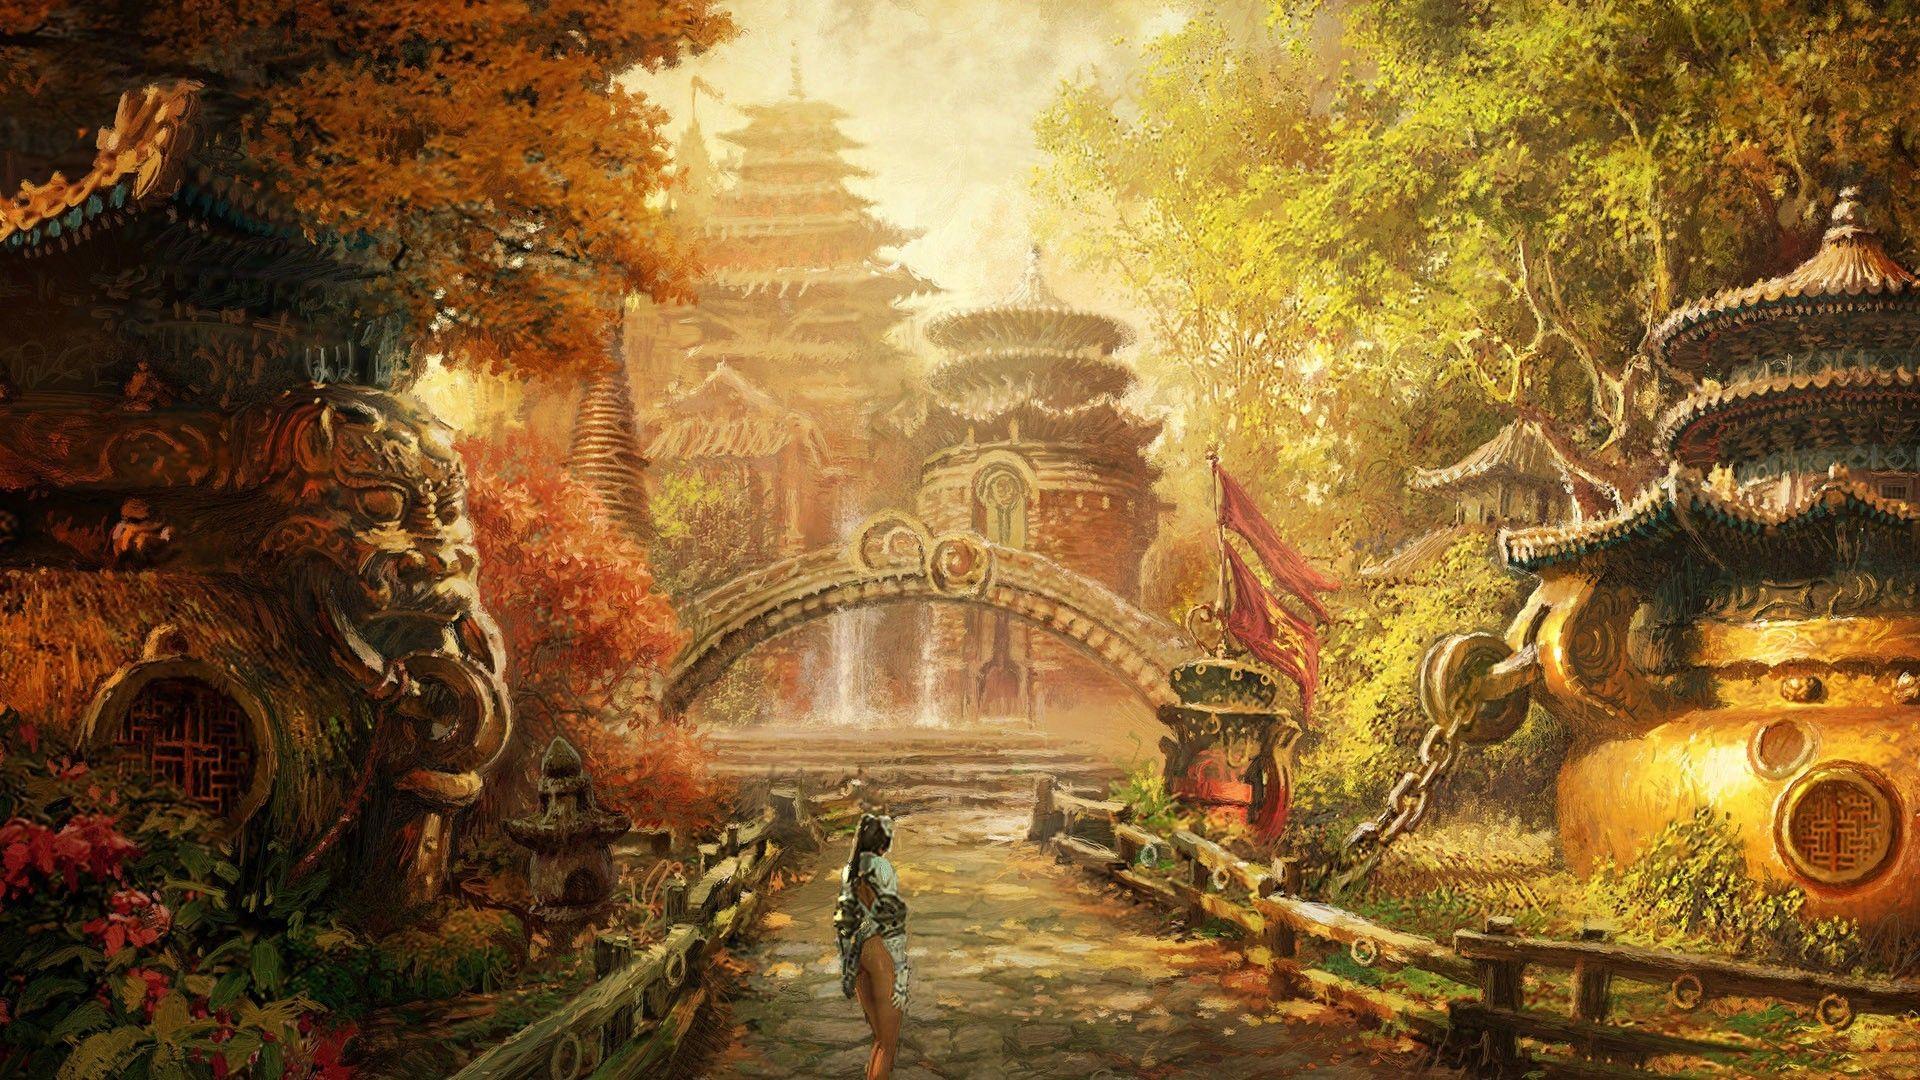 Tibet screen wallpaper